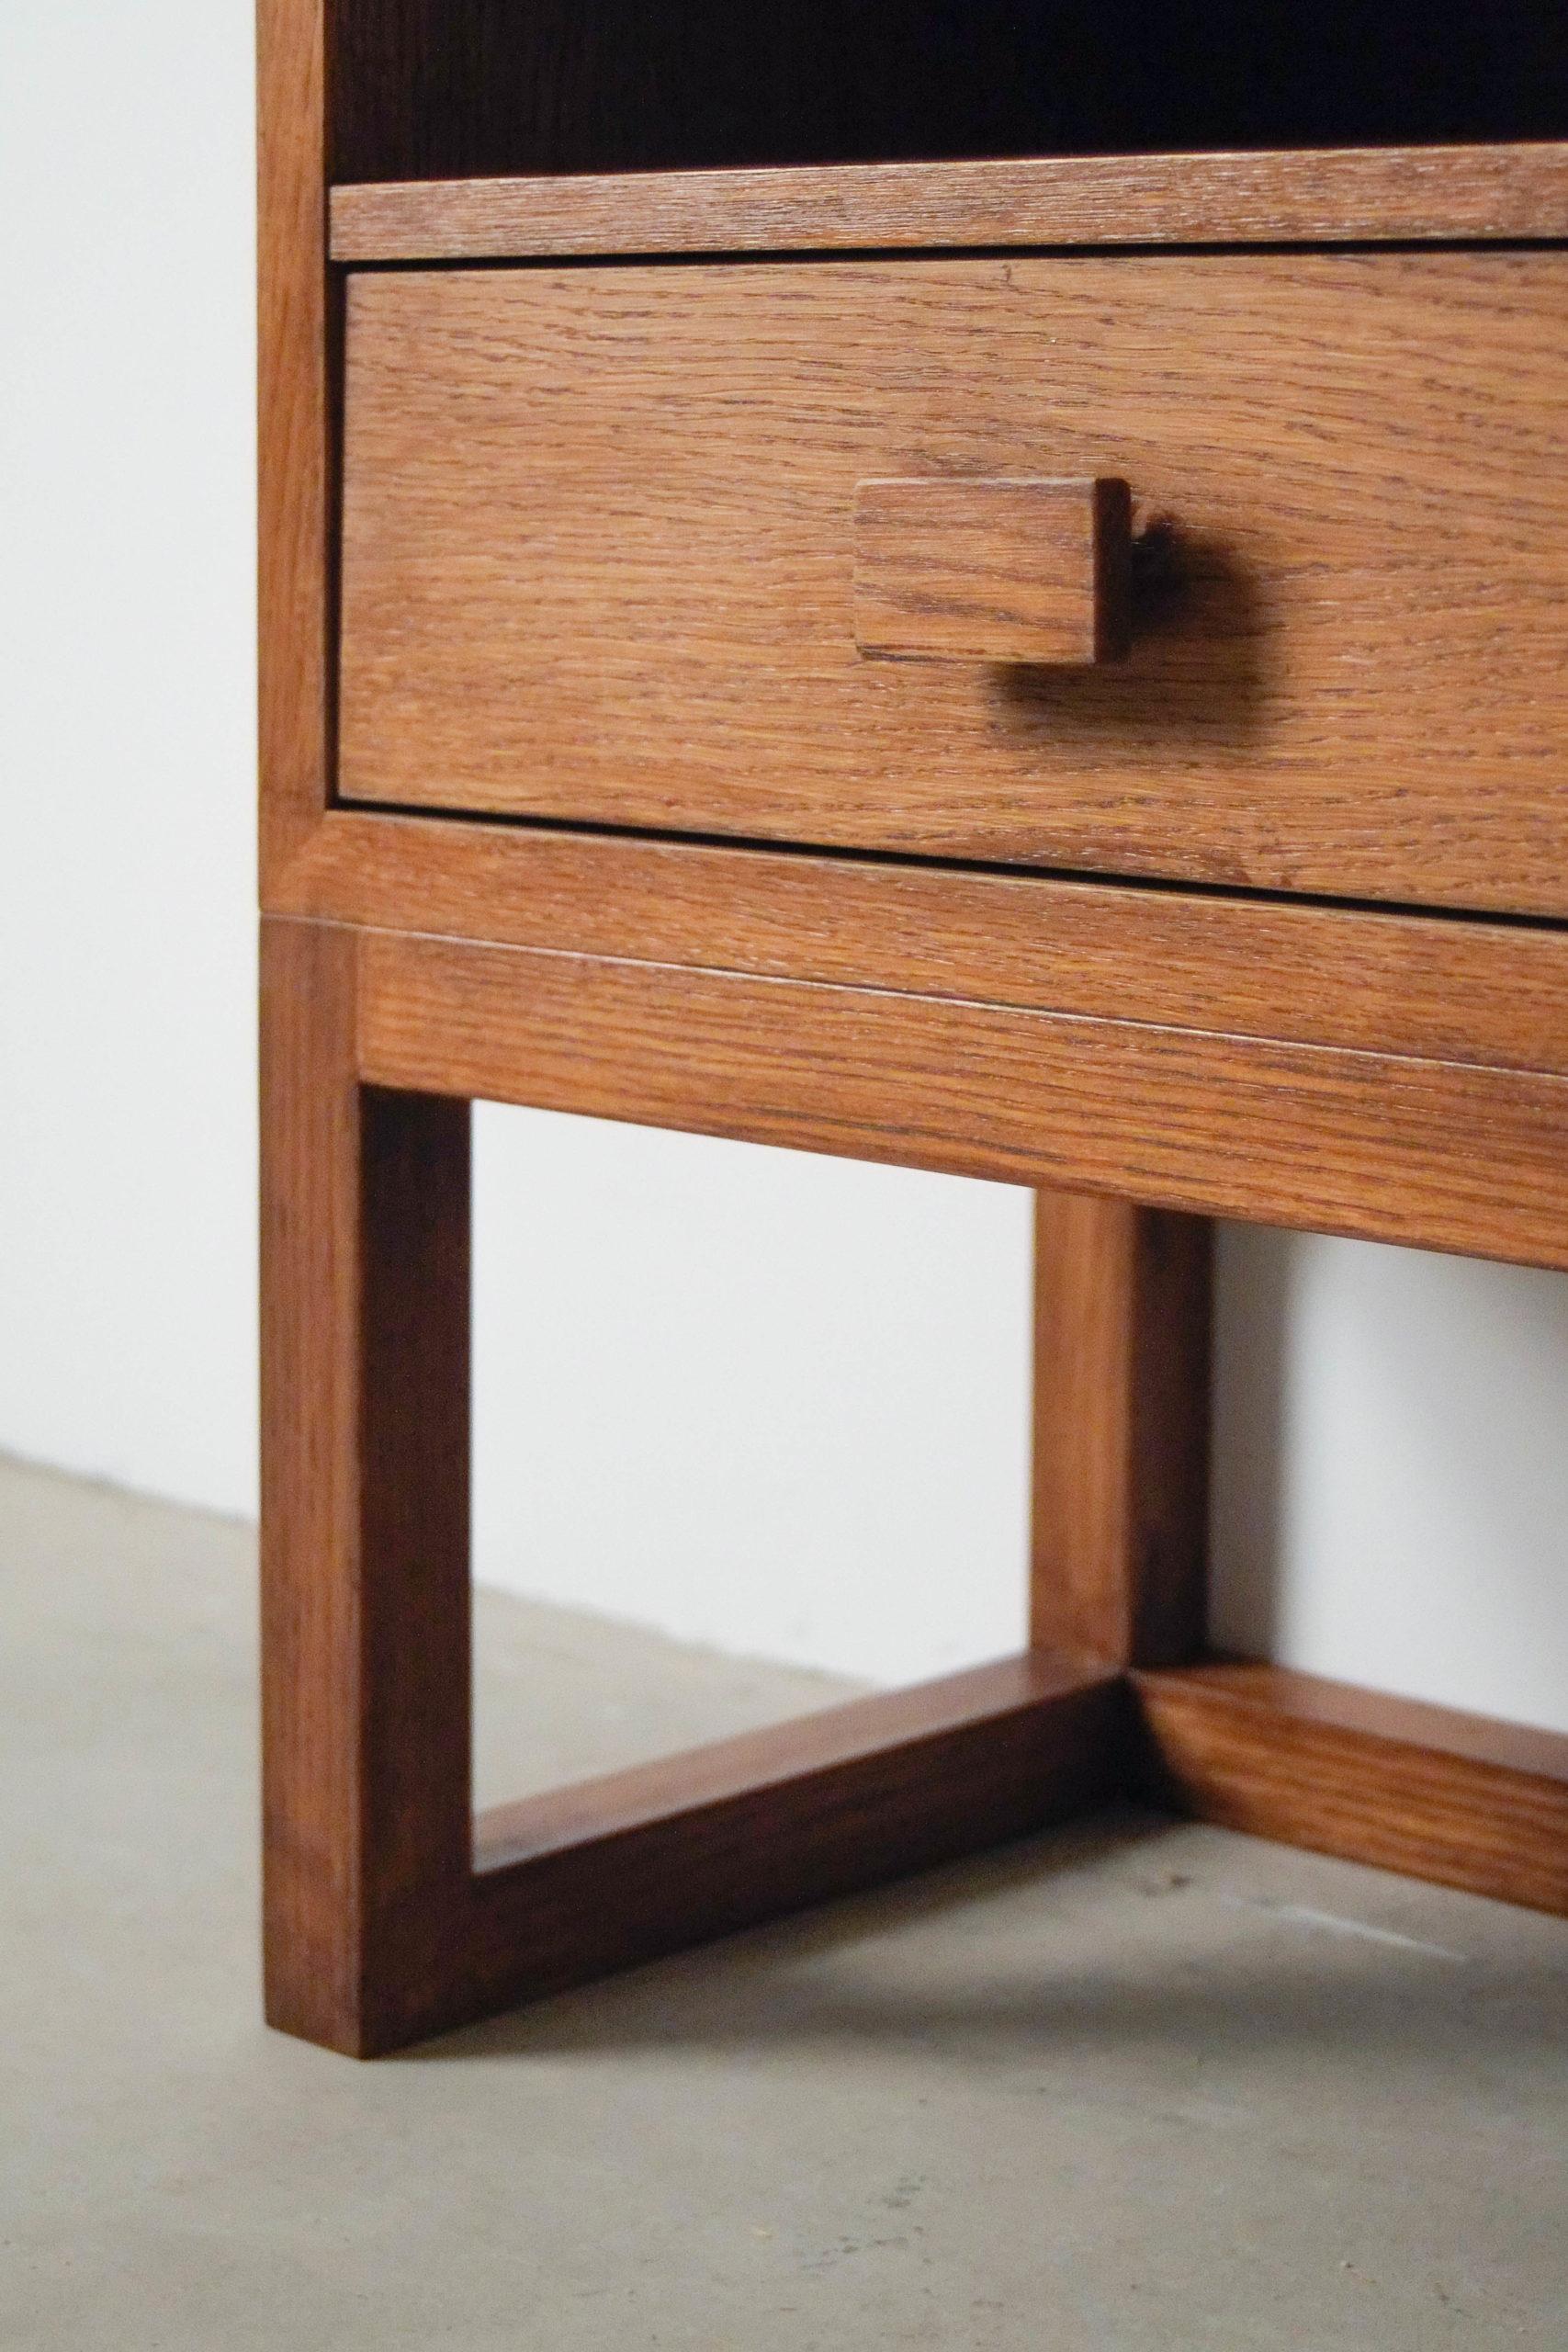 detalle tirador de madera mesita de noche mesilla hecha a mano